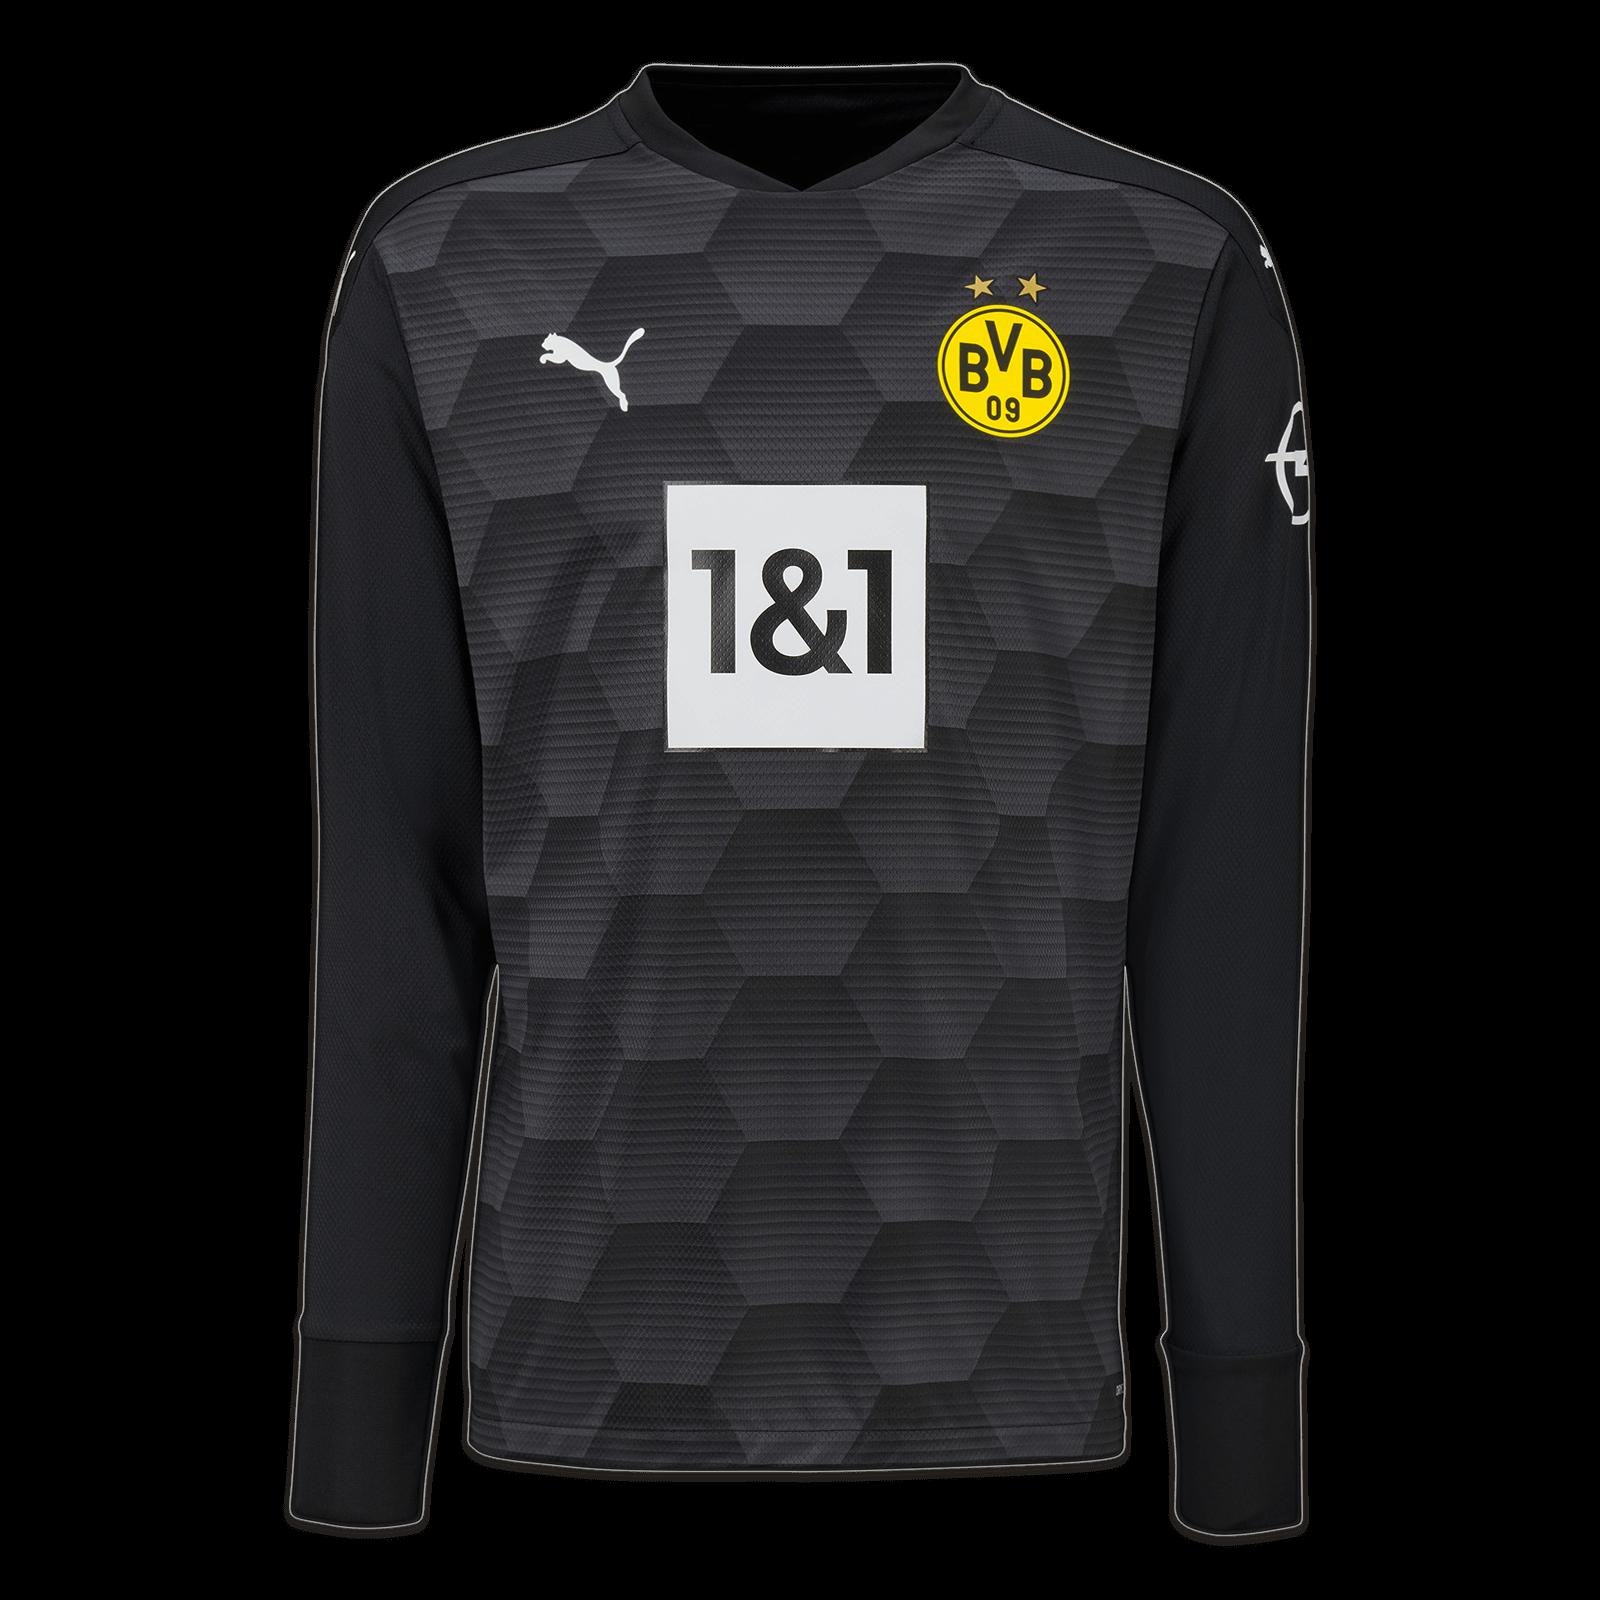 Bvb Shop Der Offizielle Fanshop Von Borussia Dortmund Offizieller Bvb Online Fanshop